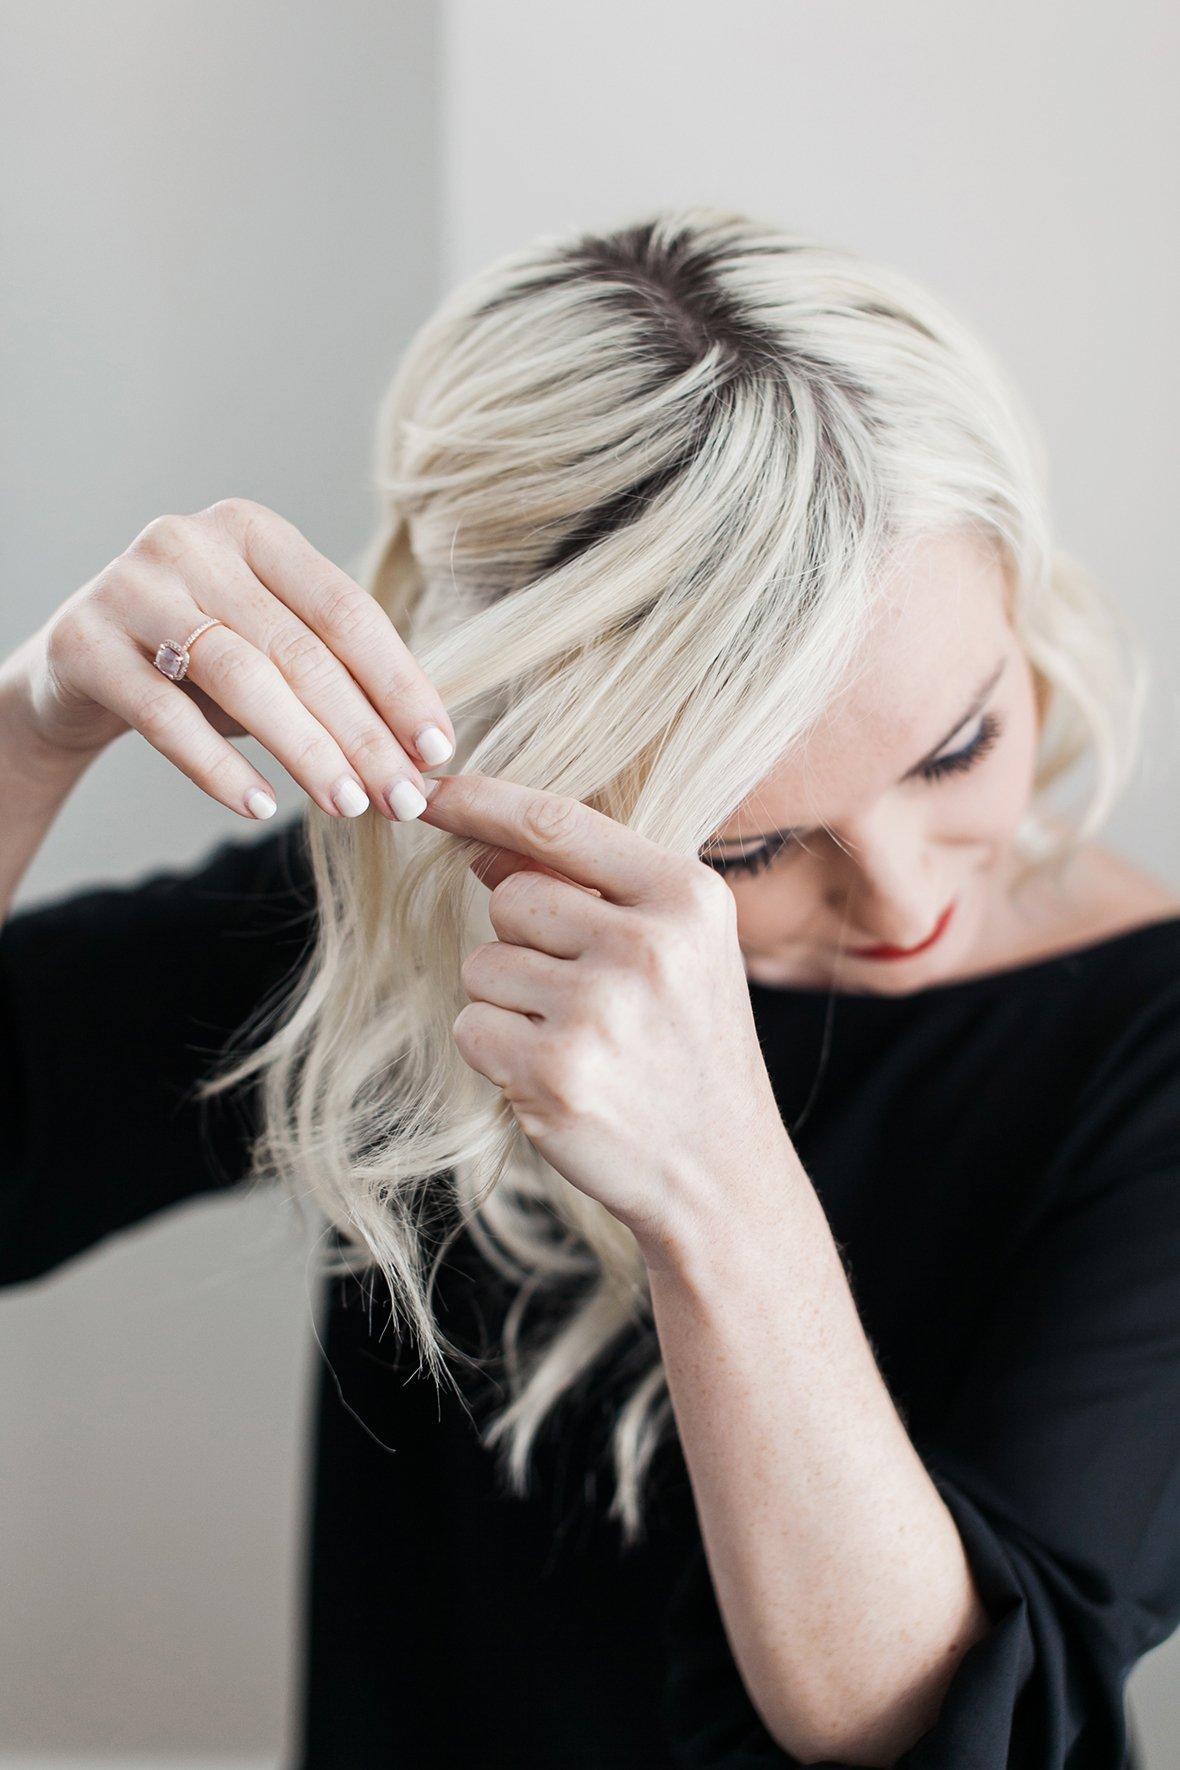 Einfache Flechtfrisuren für schulterlange Haare: Schritt für Schritt einen seitlichen Zopf flechten